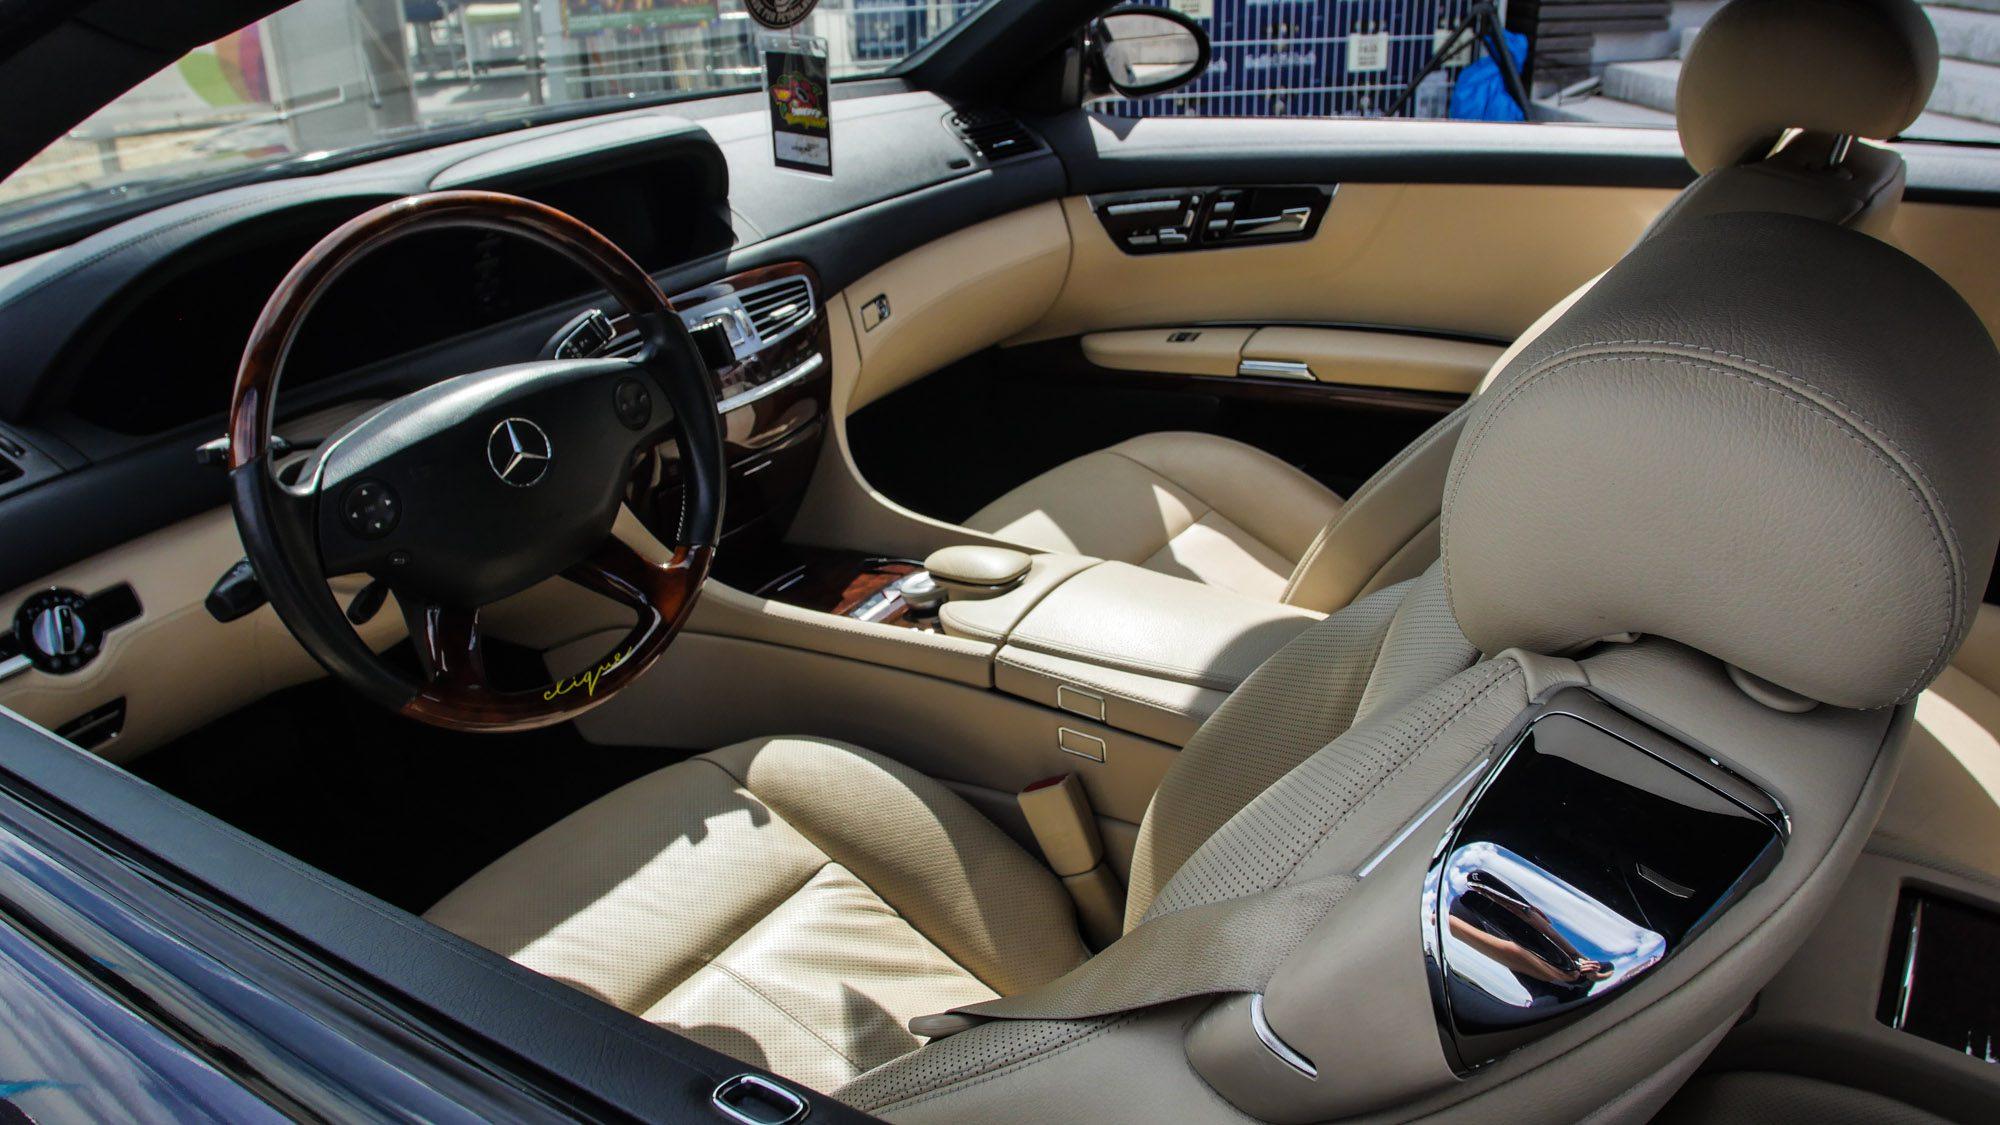 Nobler Innenraum des Mercedes CL500